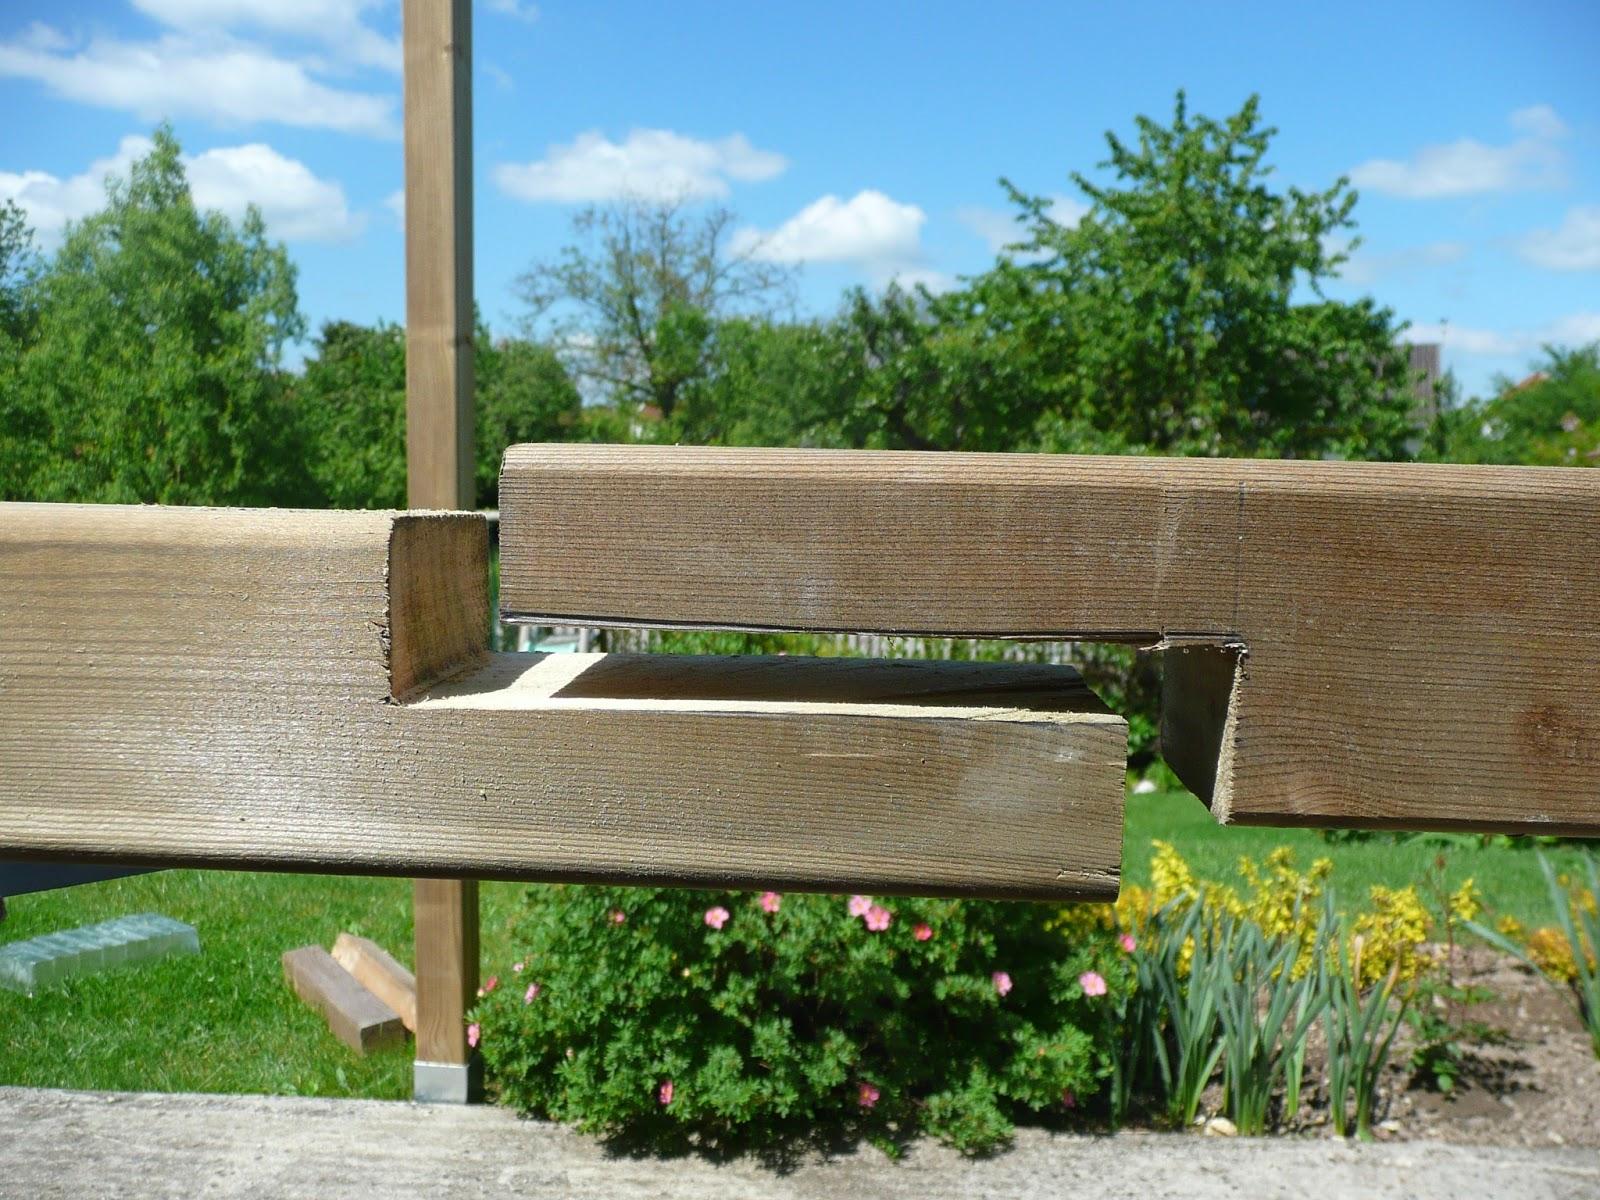 Notre jardin secret projet n 2 for Comment traiter les poutres en bois